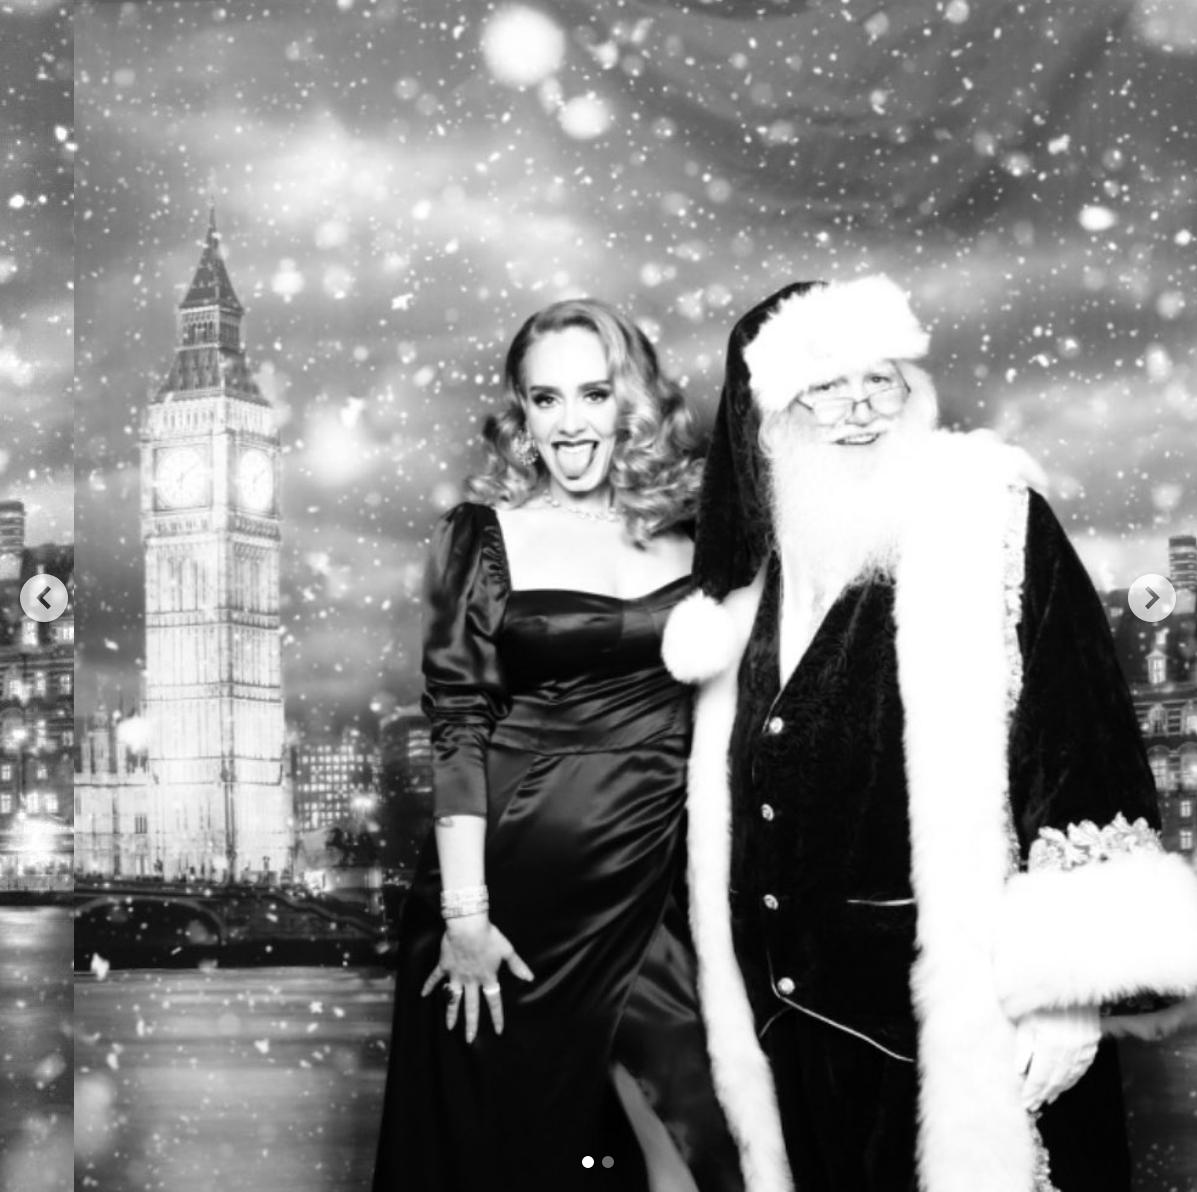 La felicitación de Navidad de Adele.